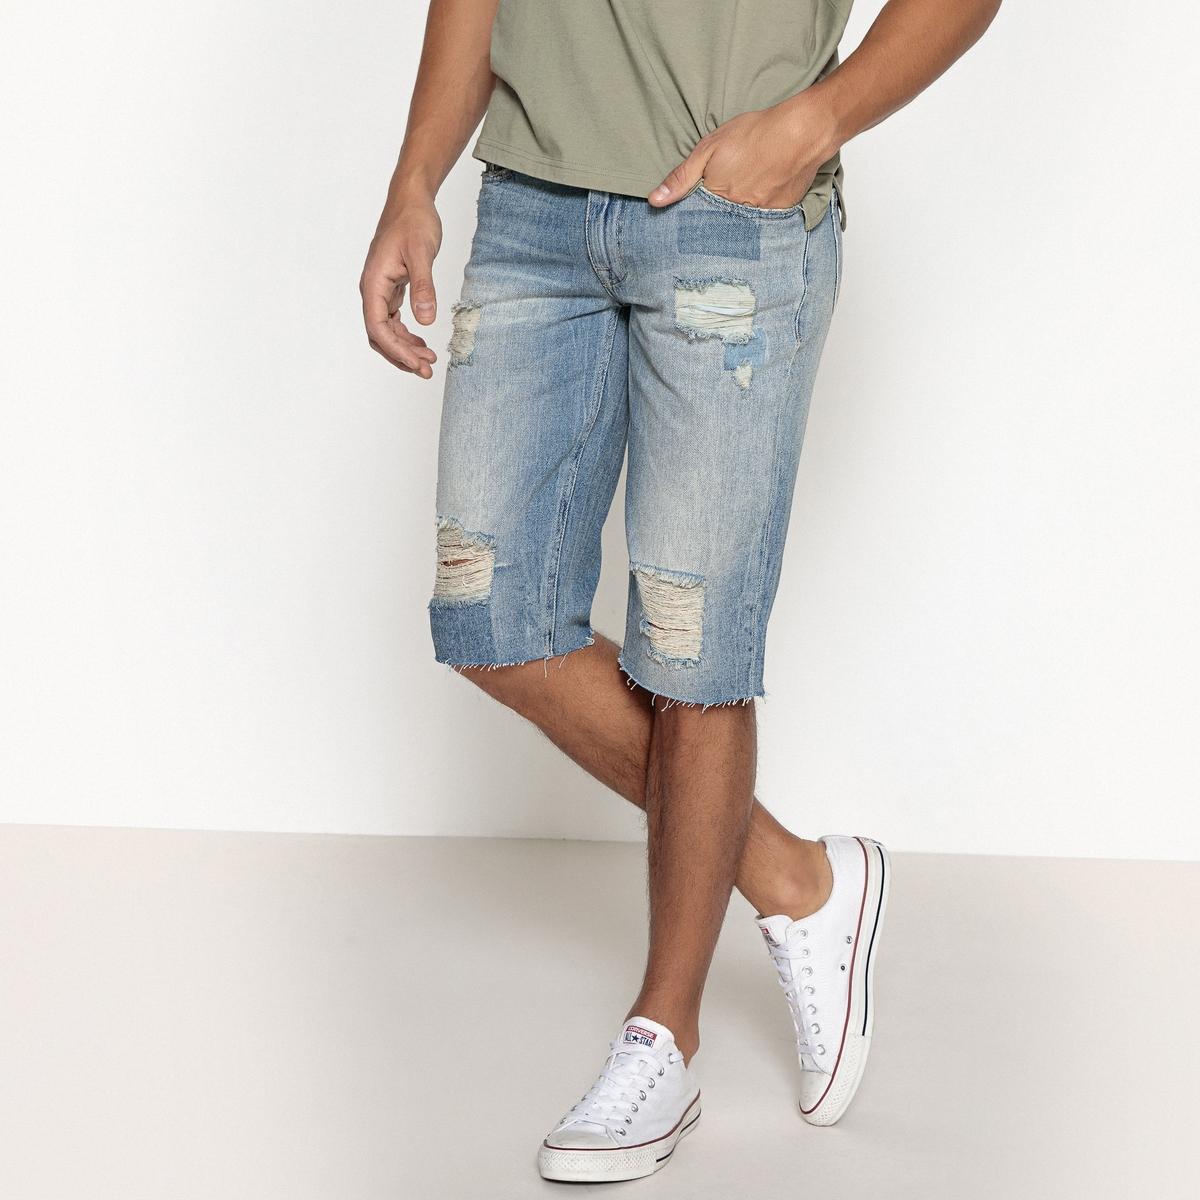 Бермуды с 5 карманами из джинсы с состаренным эффектом